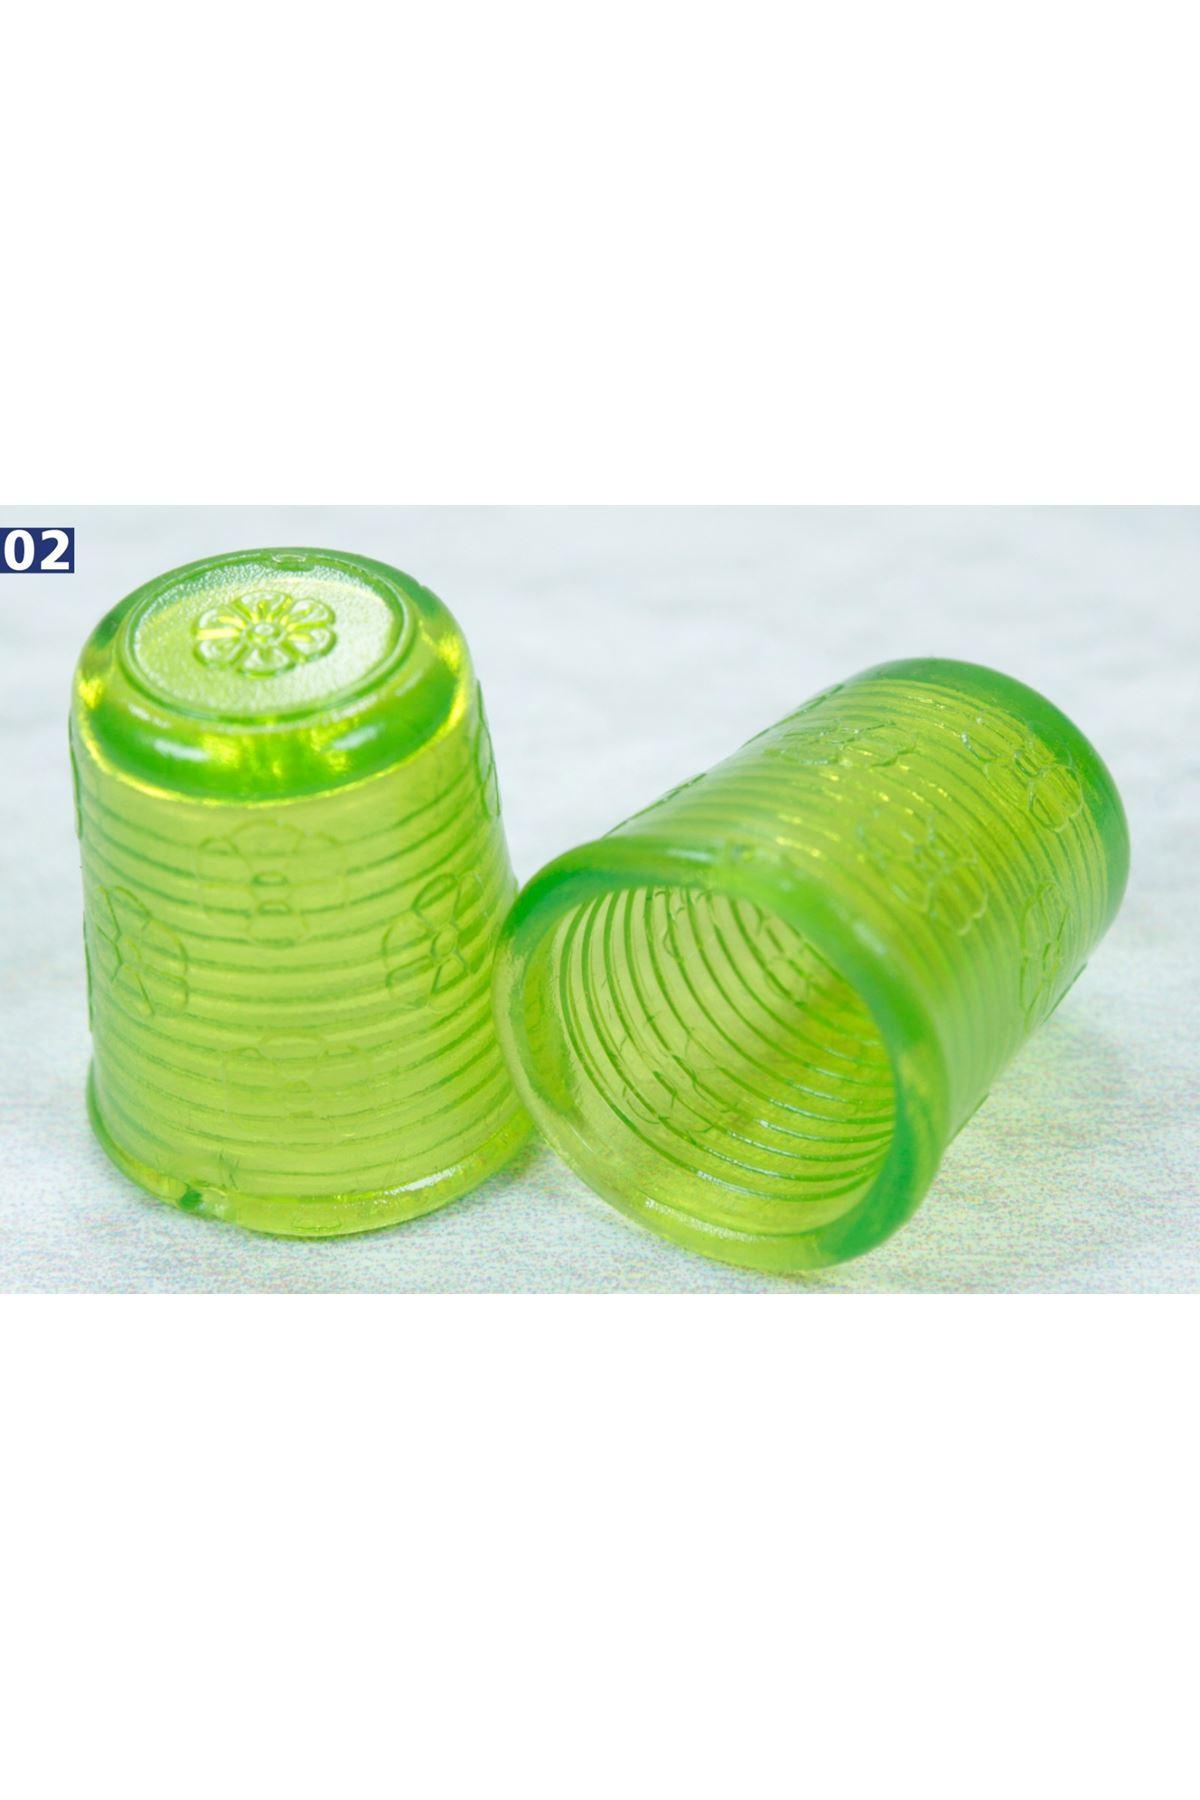 Yüksük Plastik 1 Çift - Yeşil